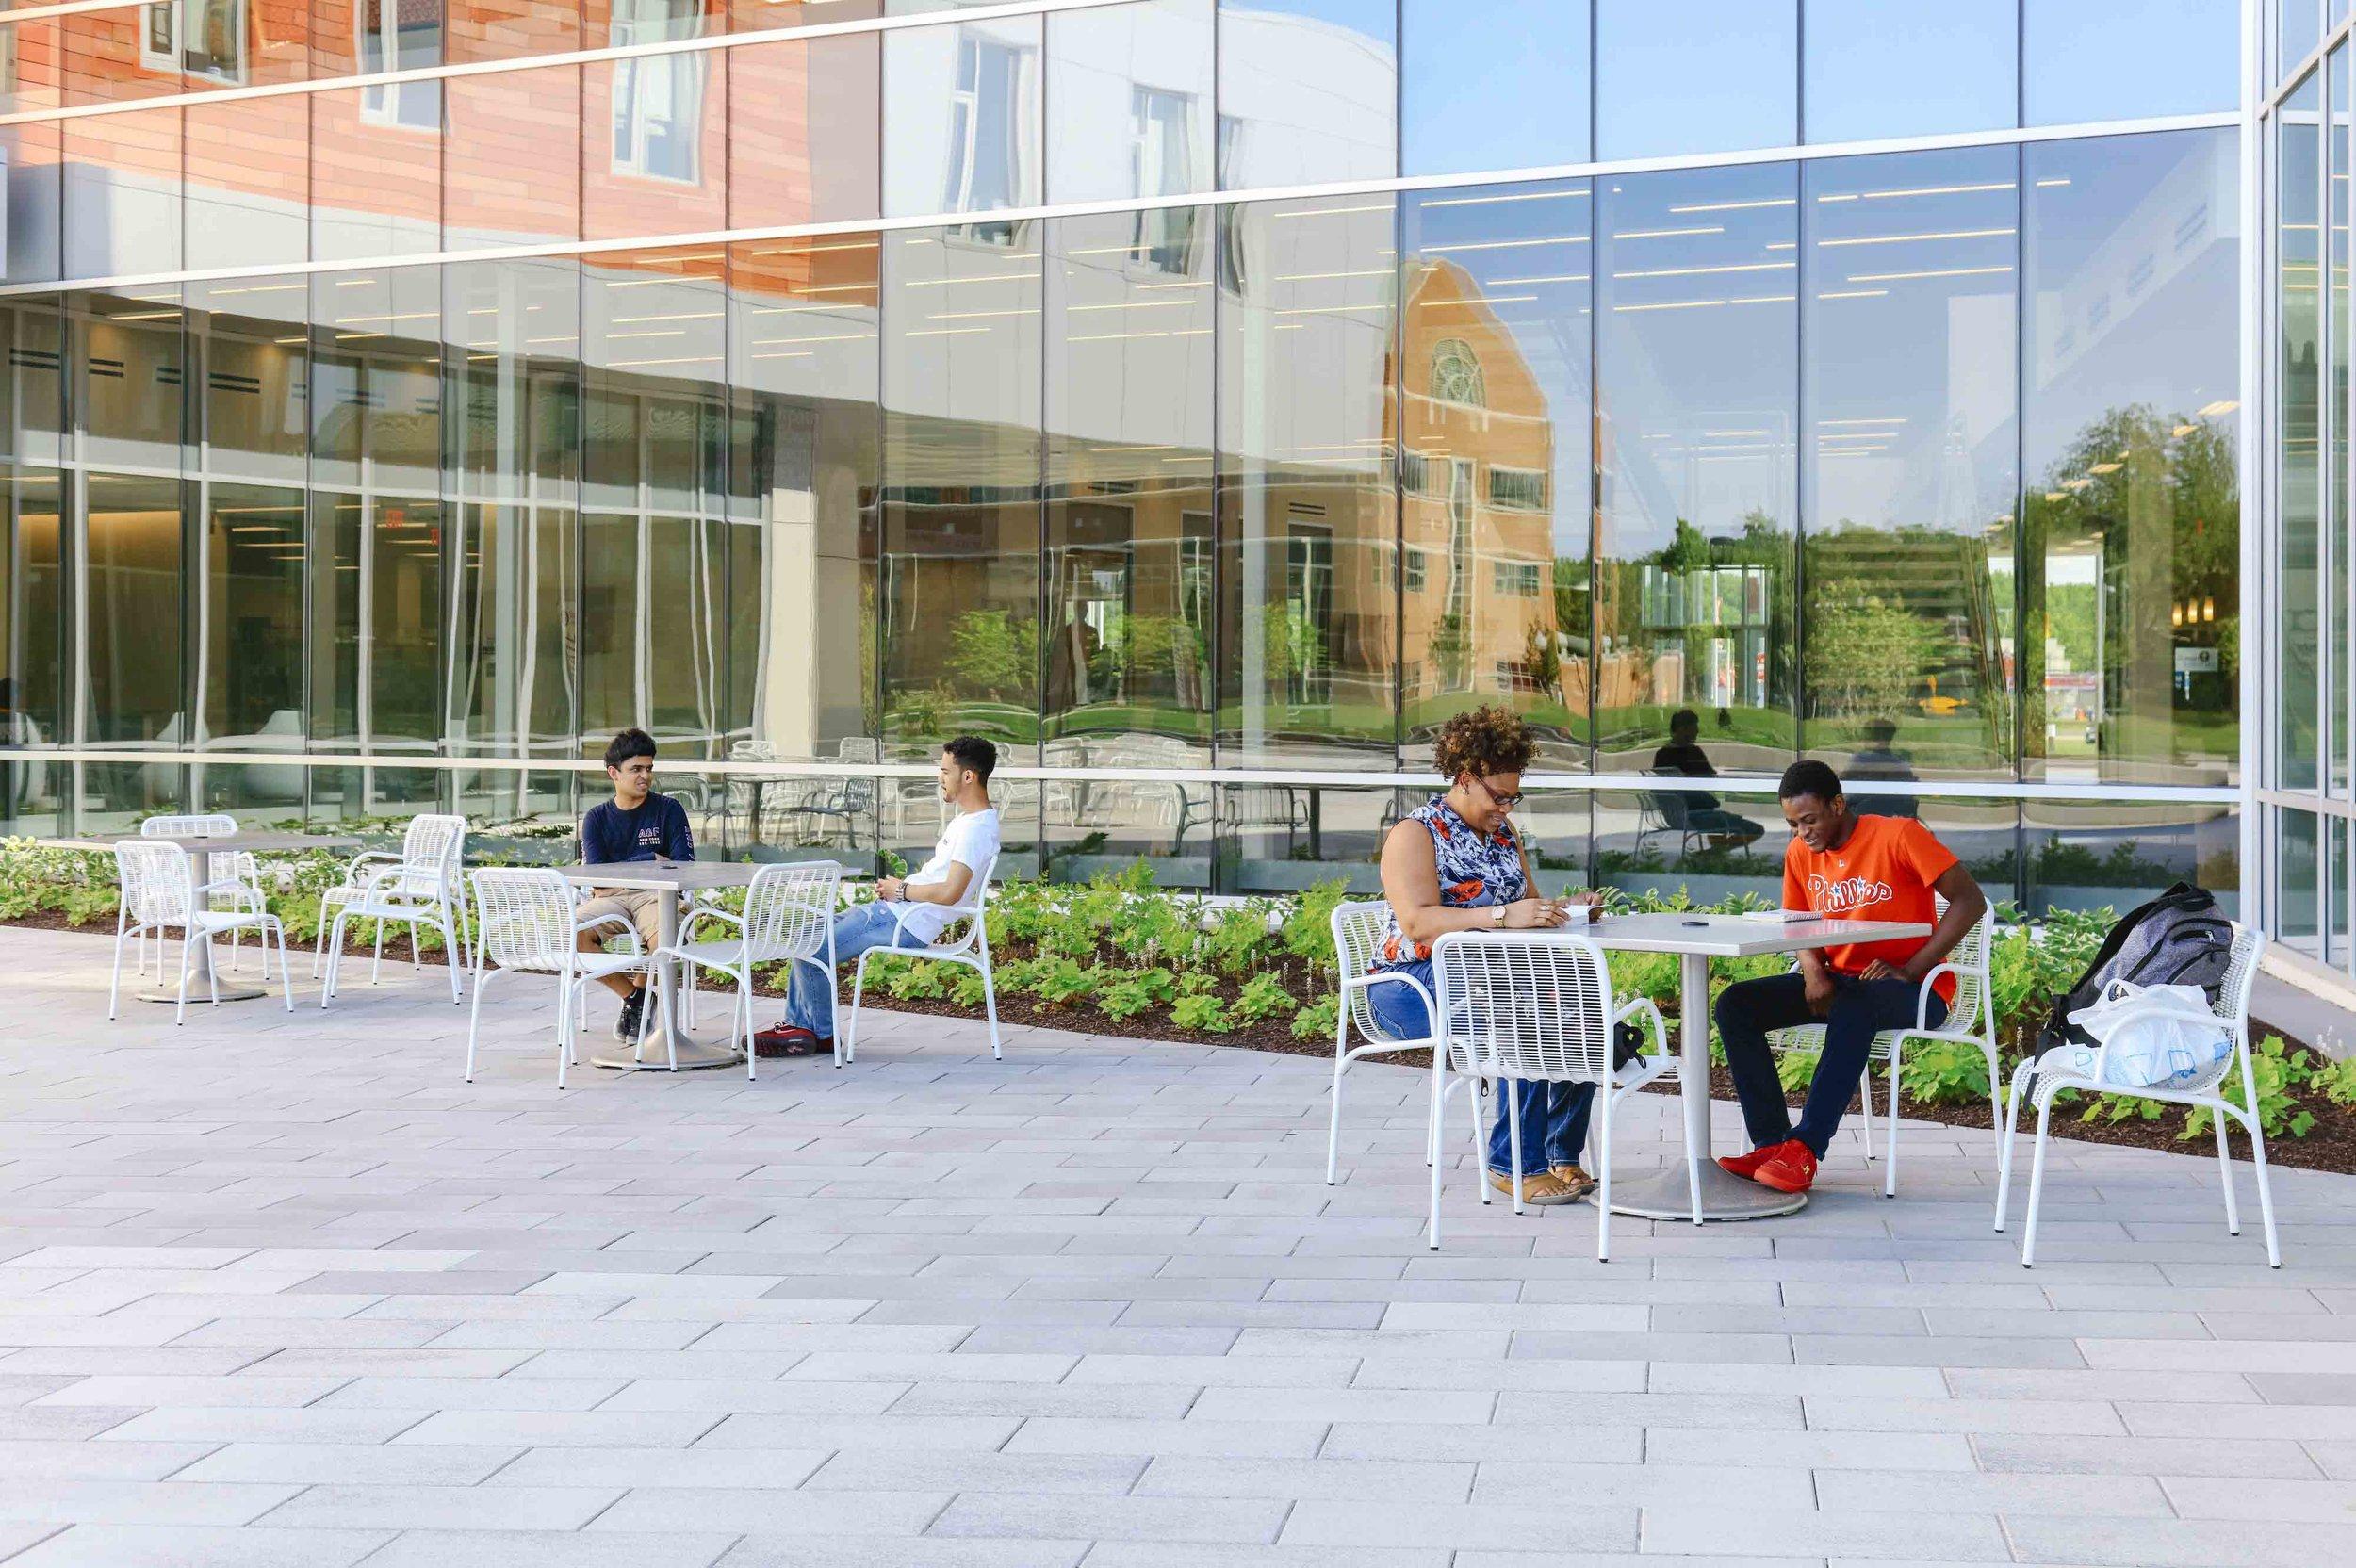 Rowan College_7.jpg